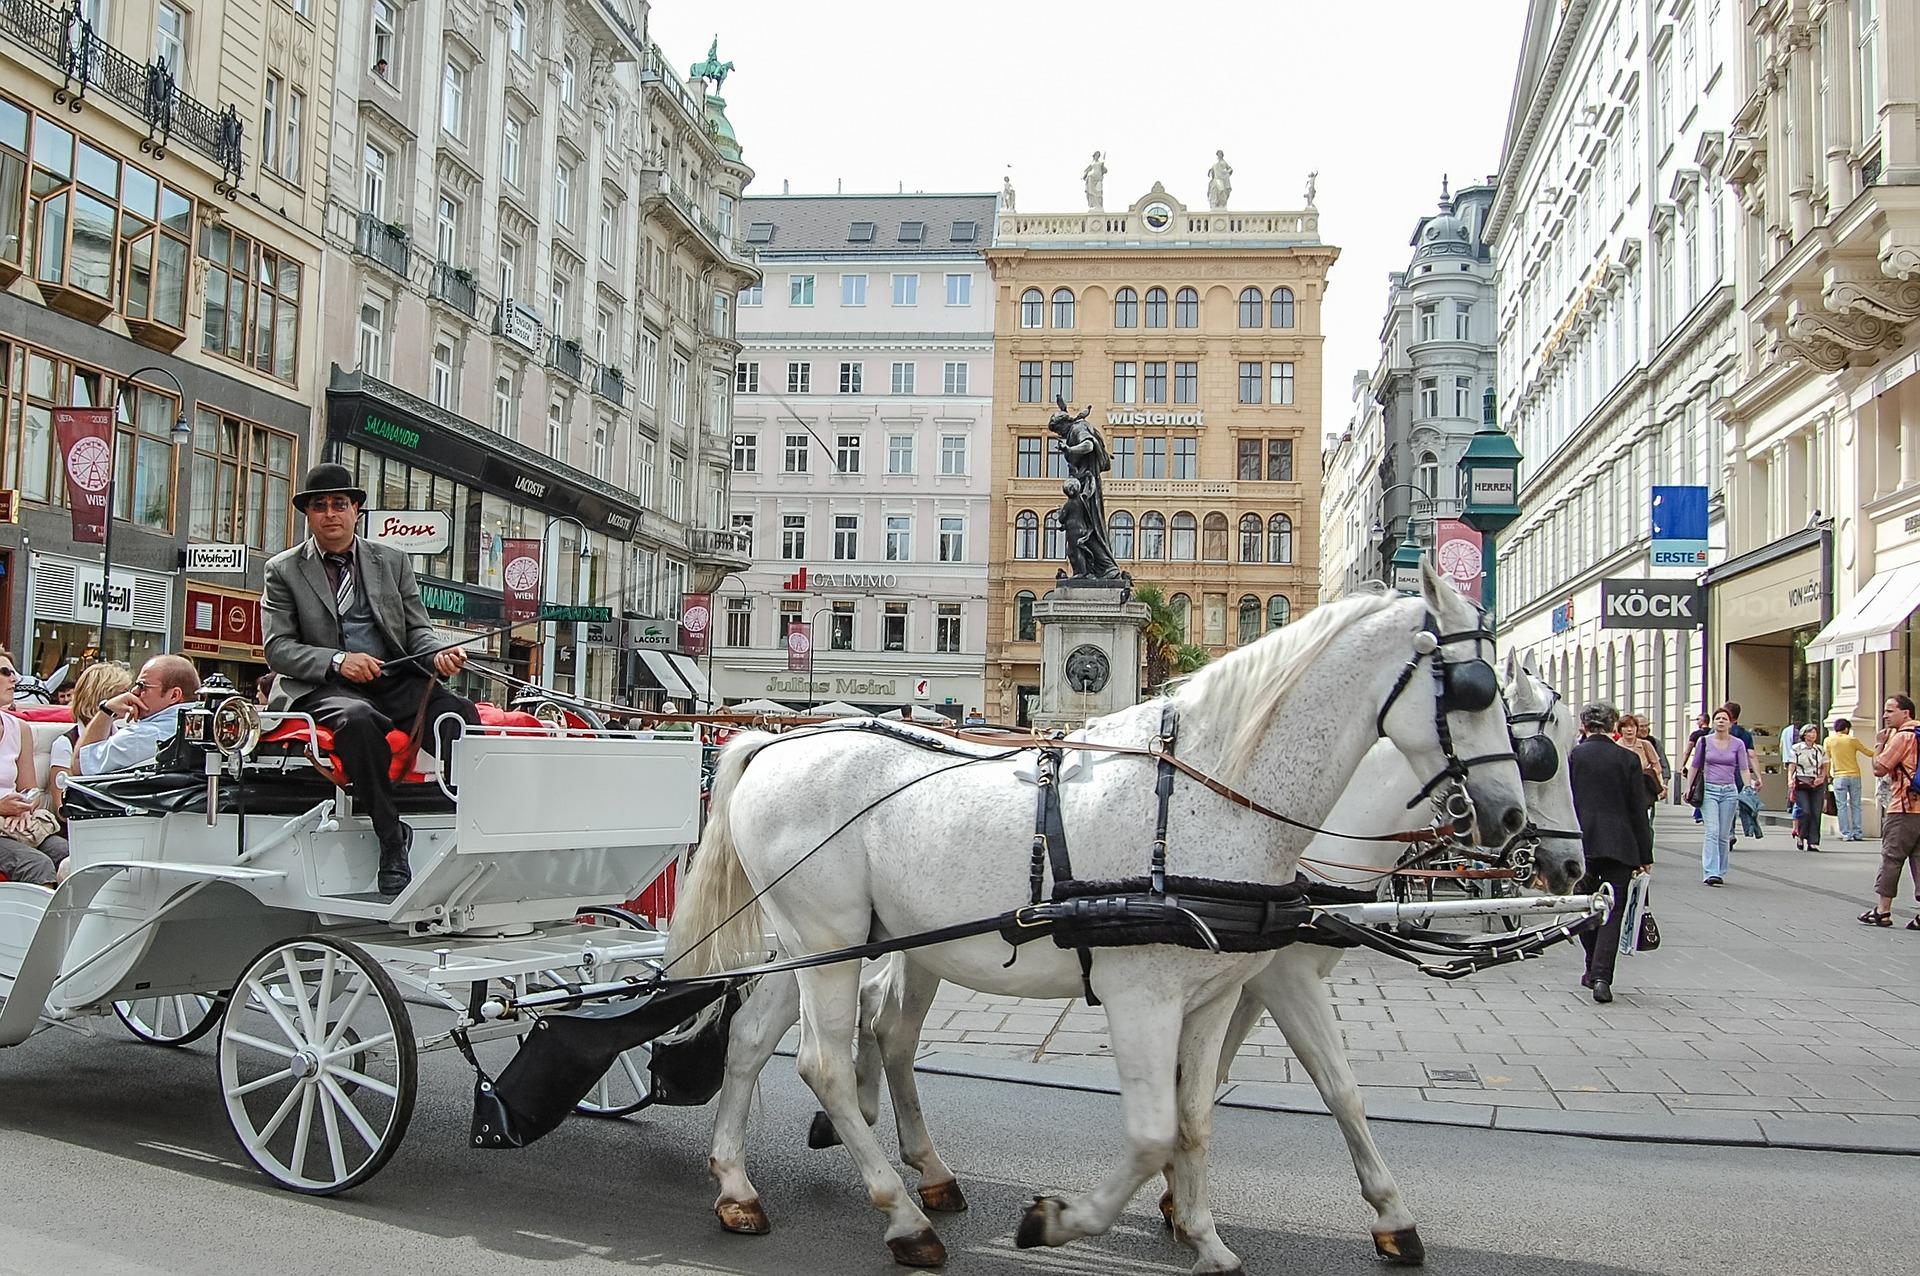 Fiaker in Wien (c) Pixabay